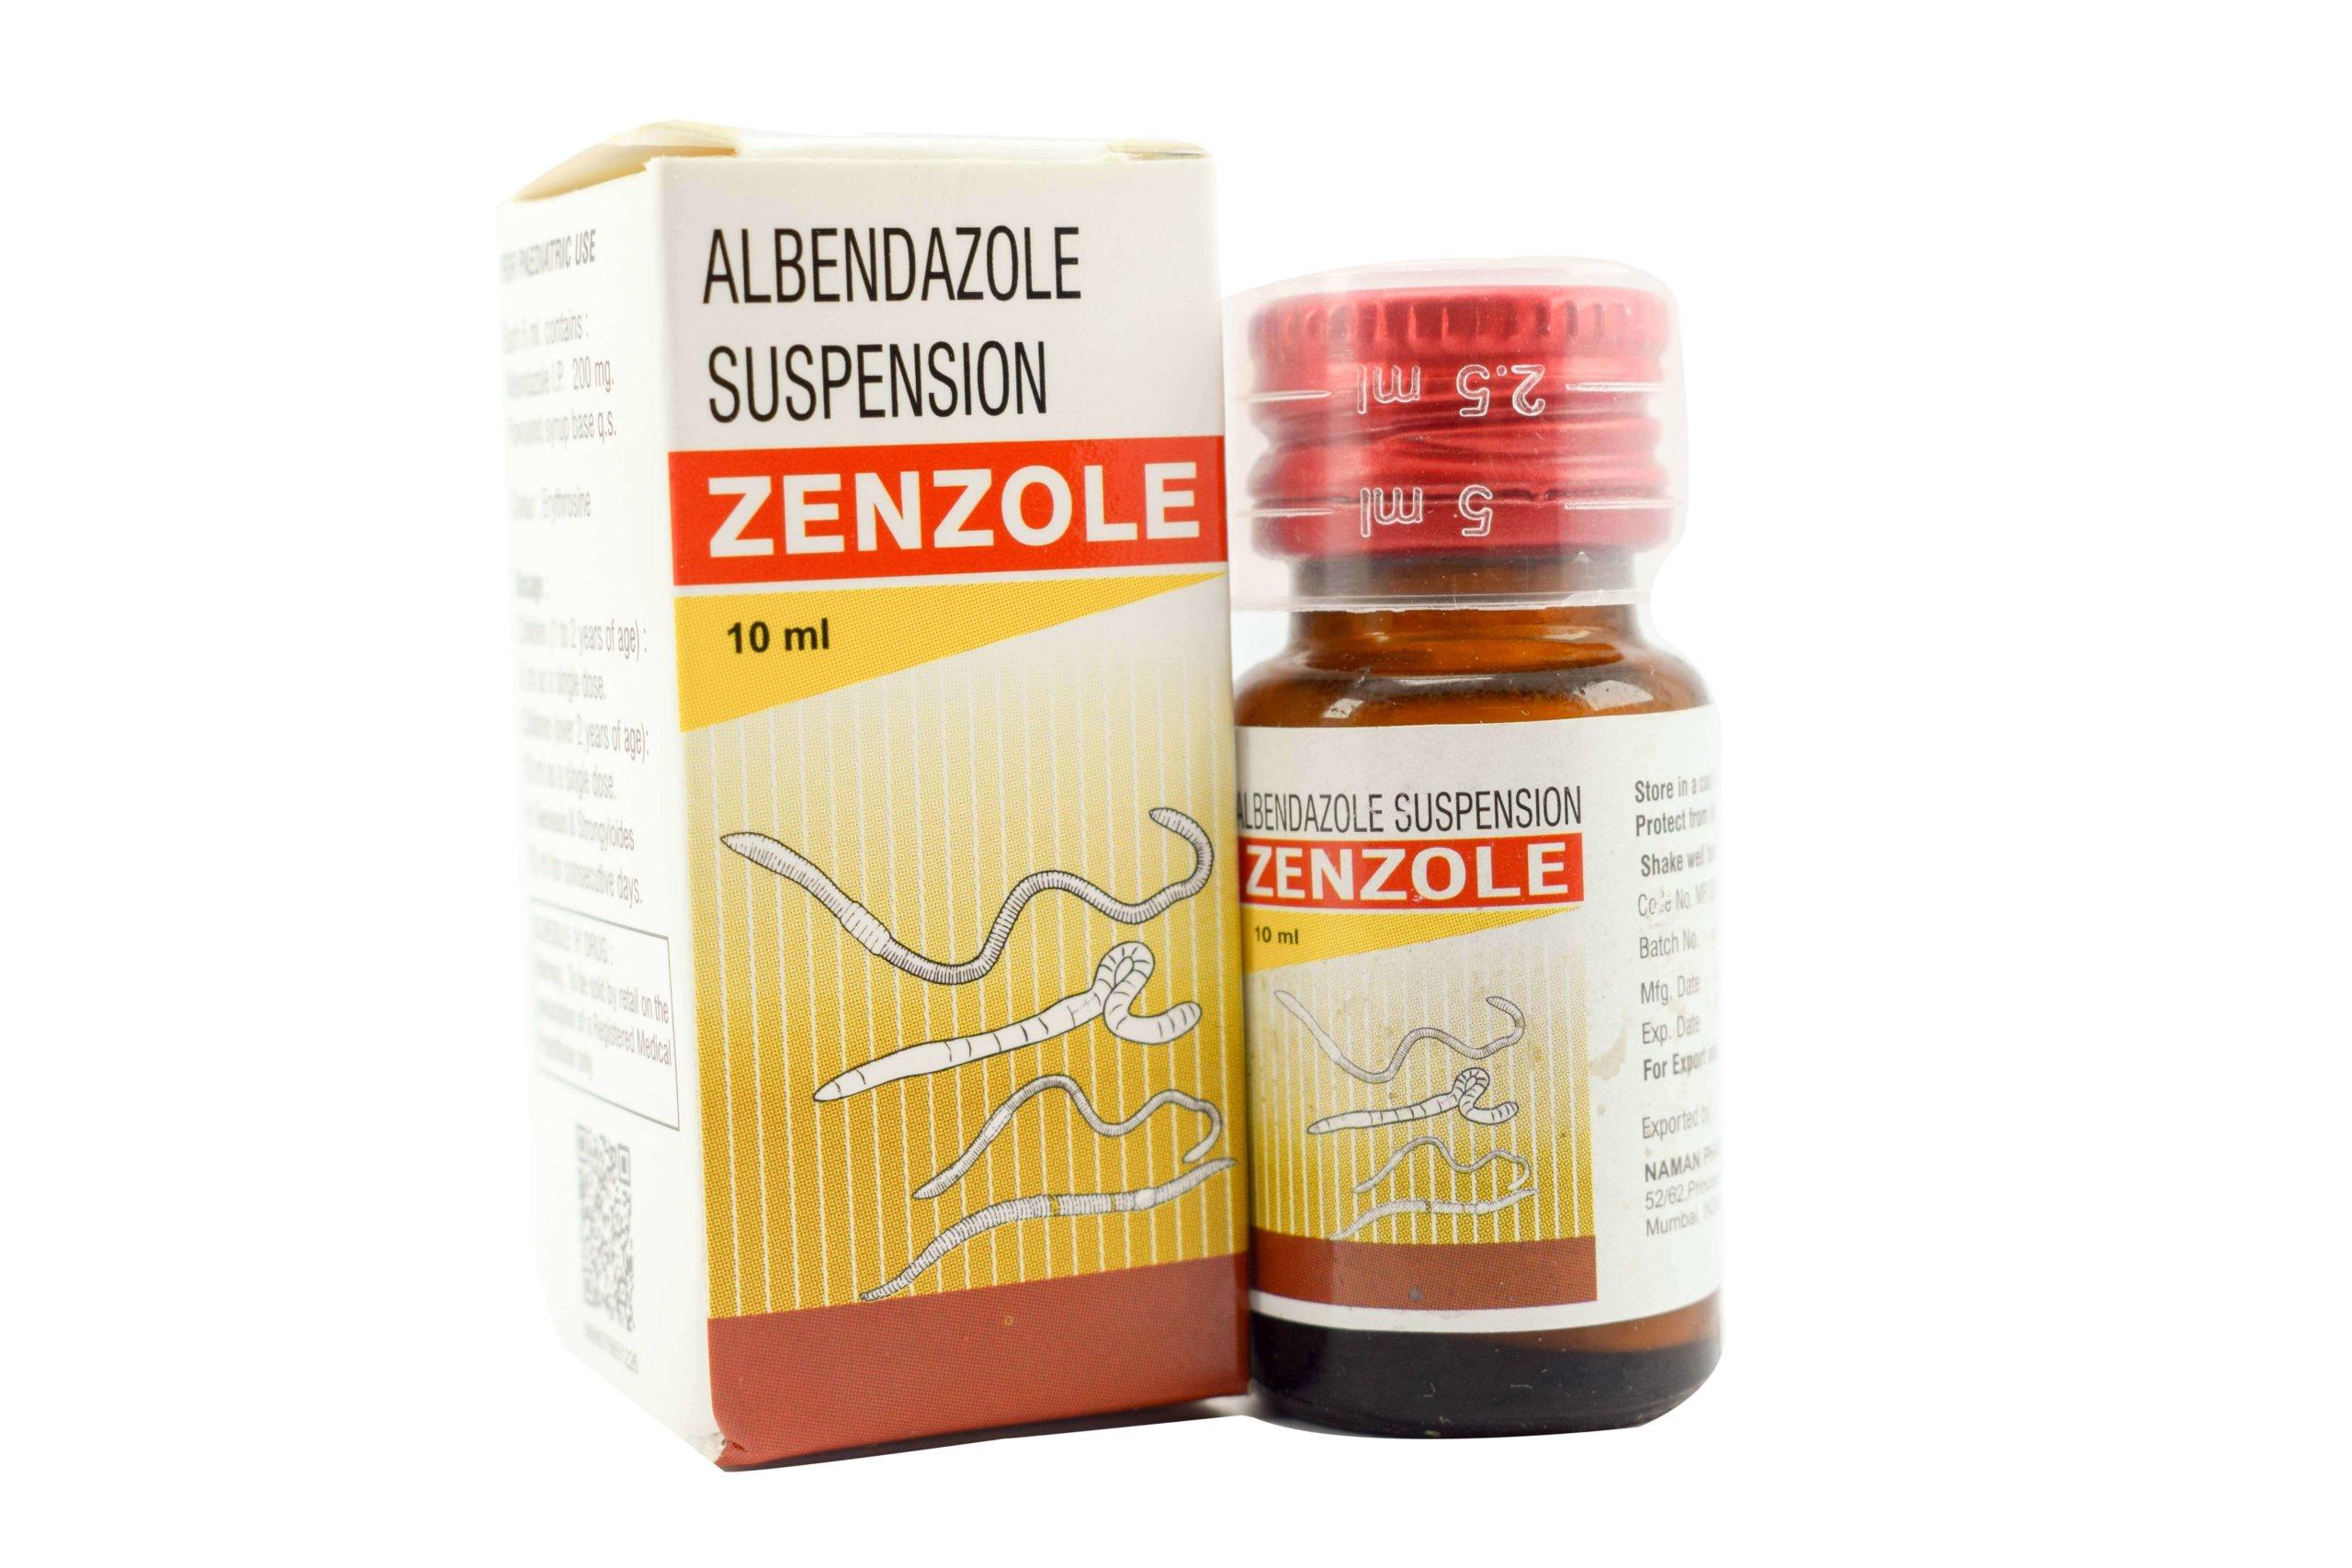 Zenzole-10ml-suspension